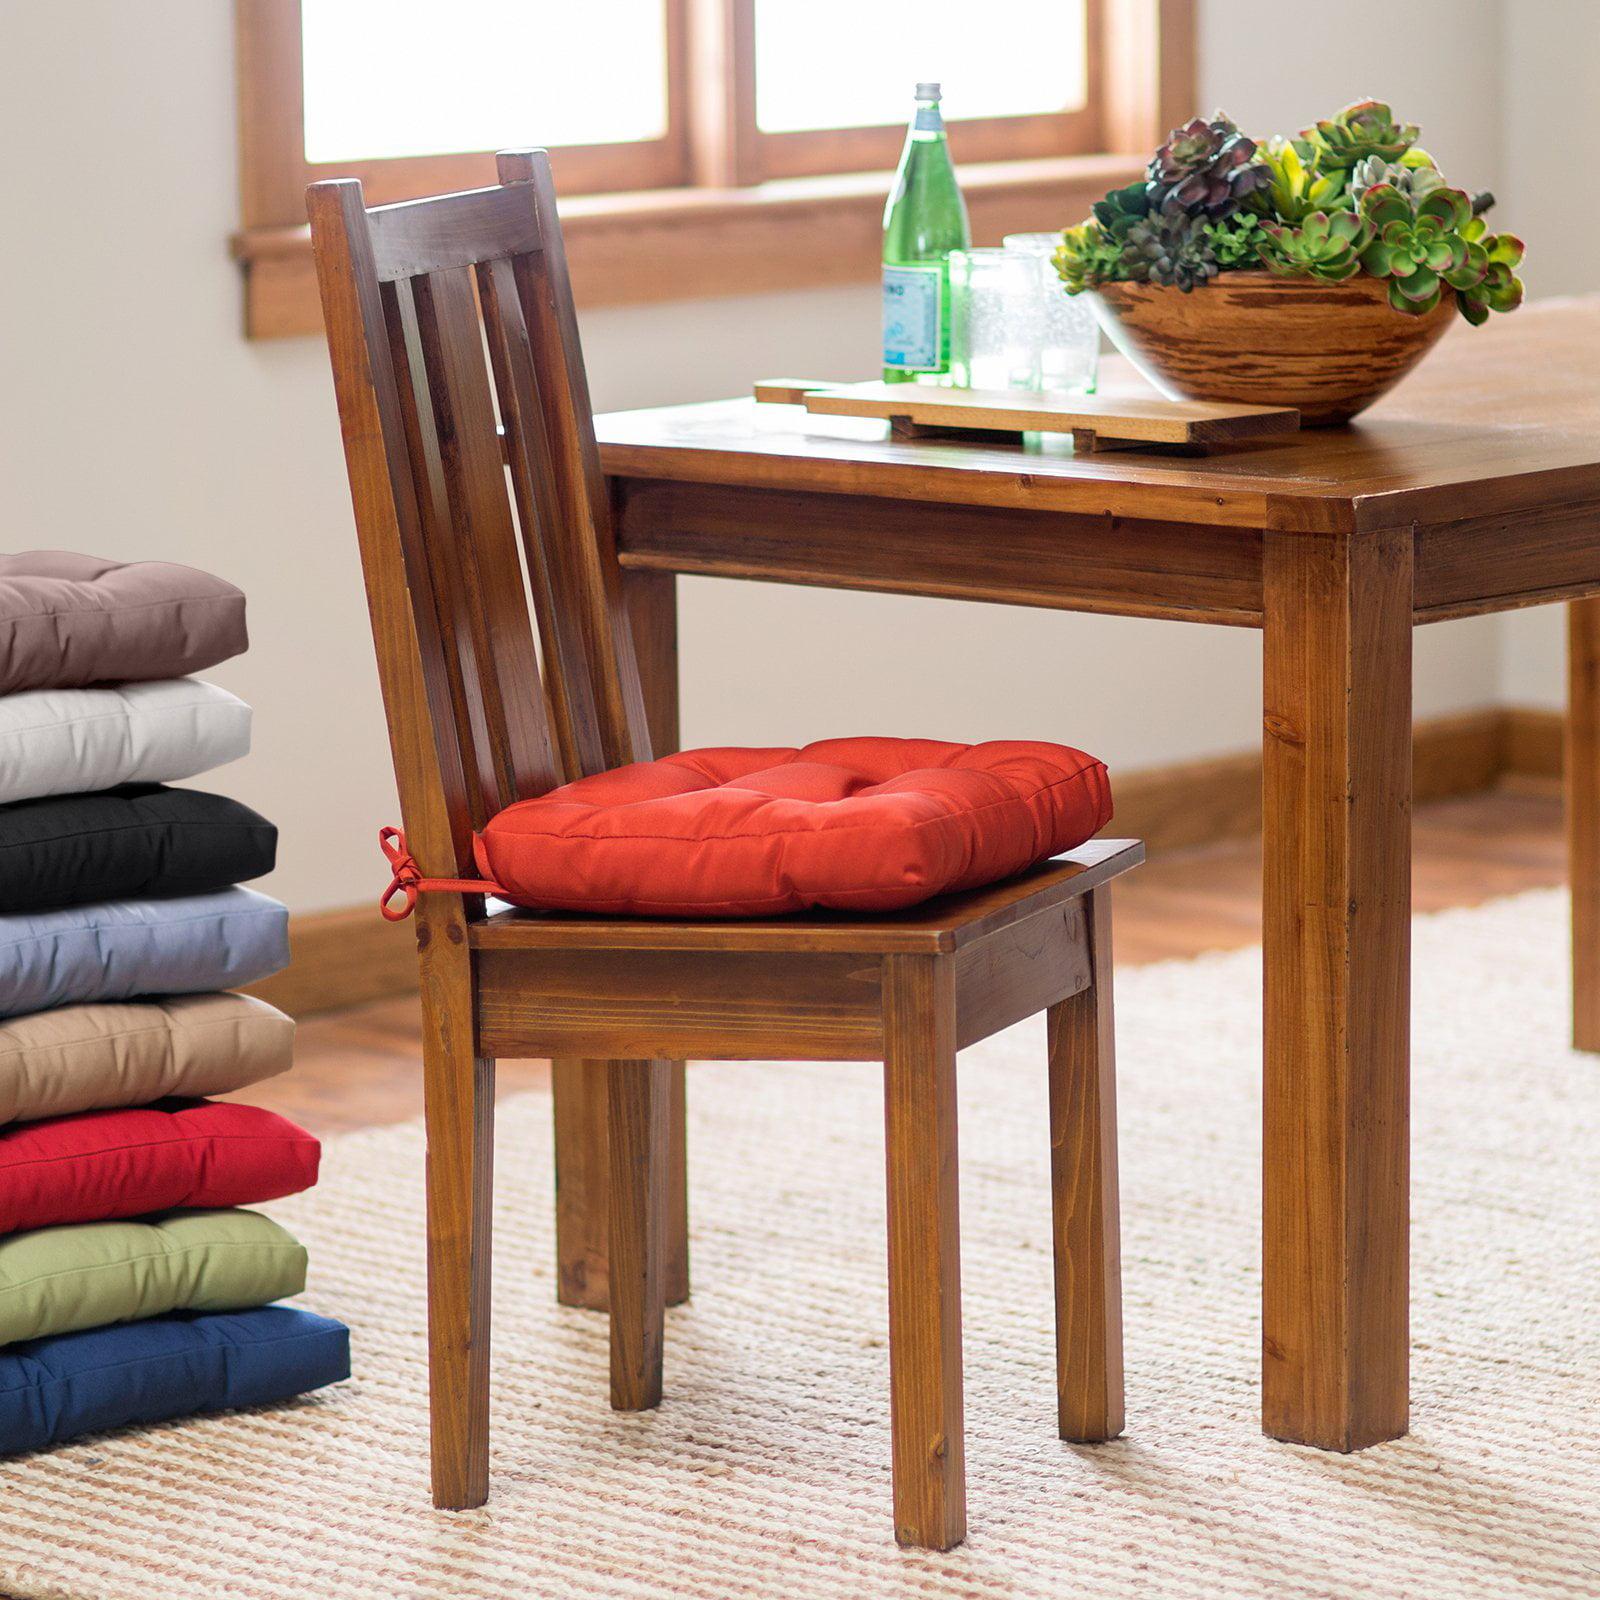 Cushion Chair Pads. cushion chair cushions outdoor pads ...